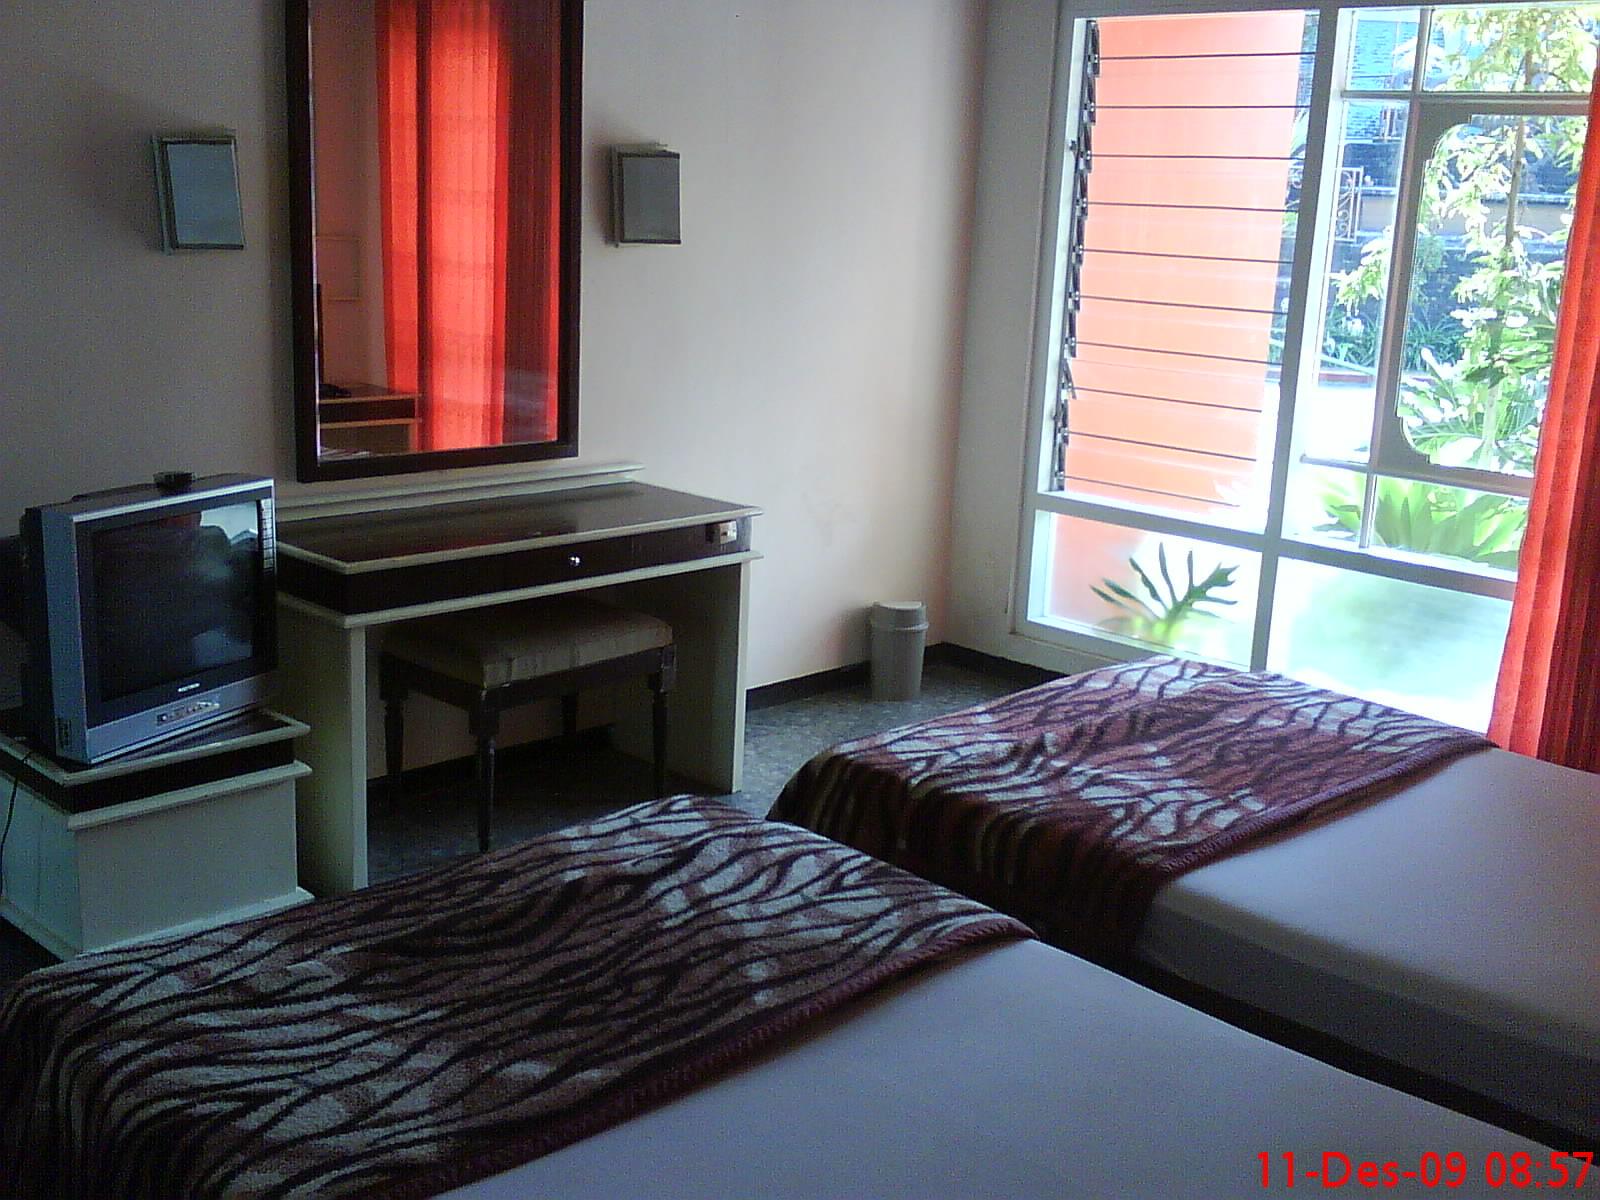 Pondok Sari Hotel: April 2011